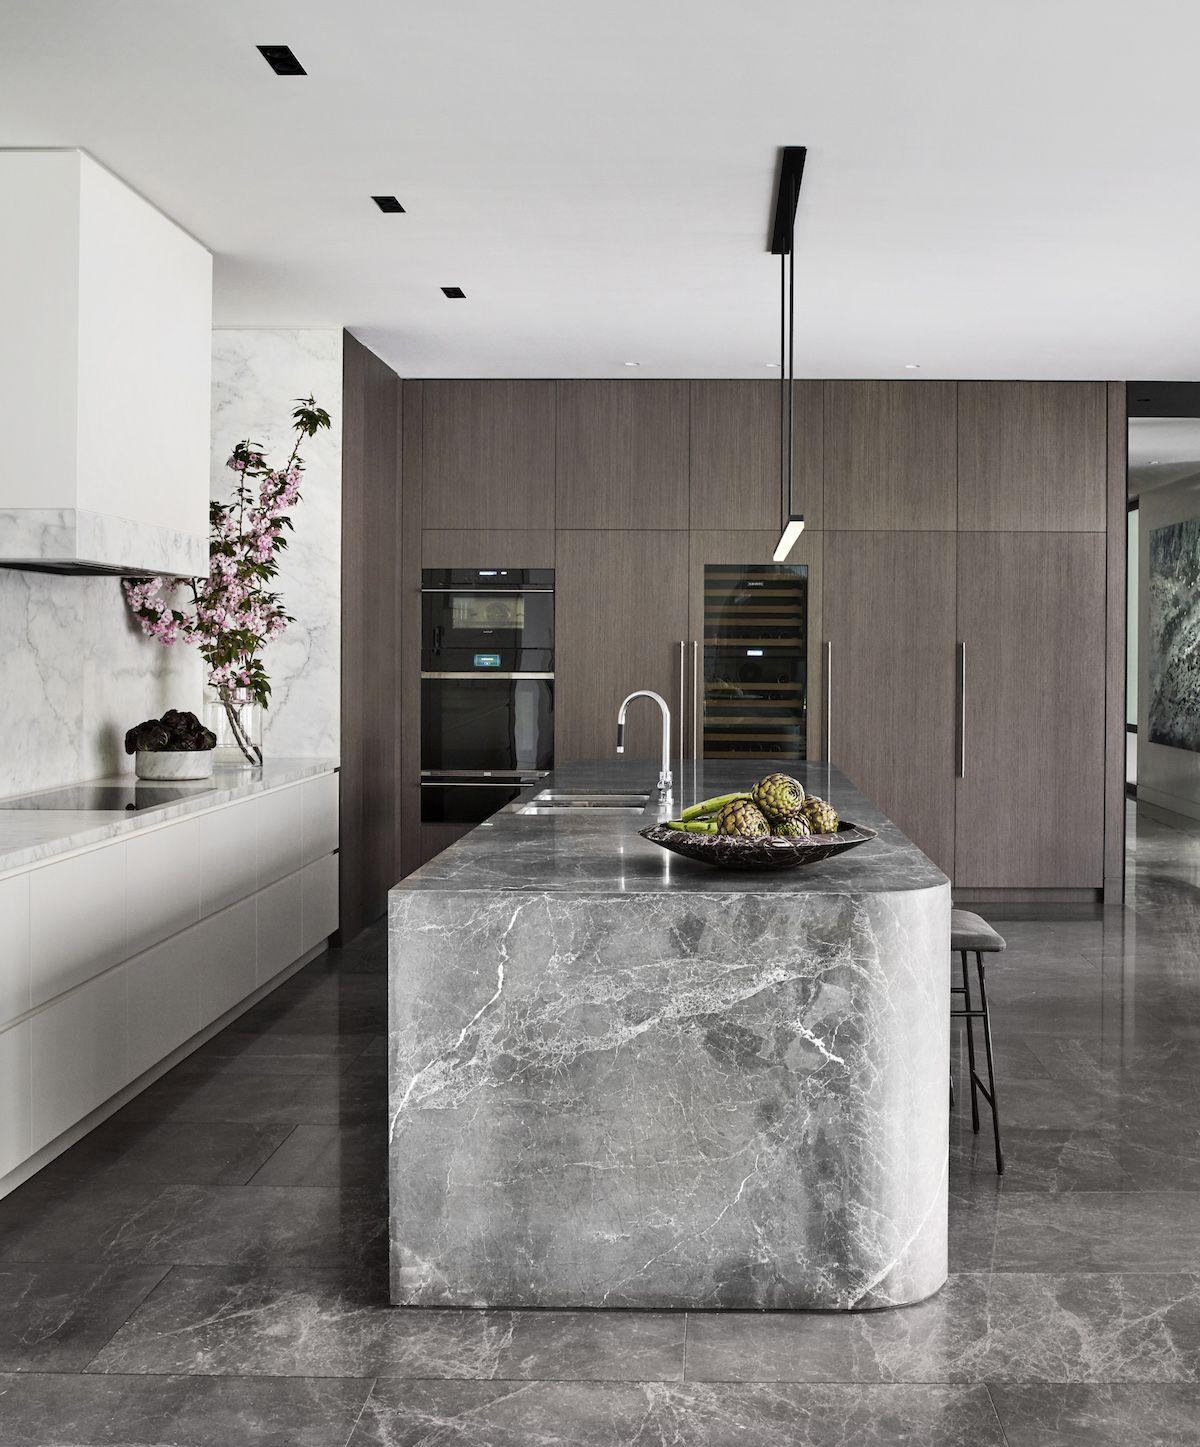 Pin on Kitchen design mood